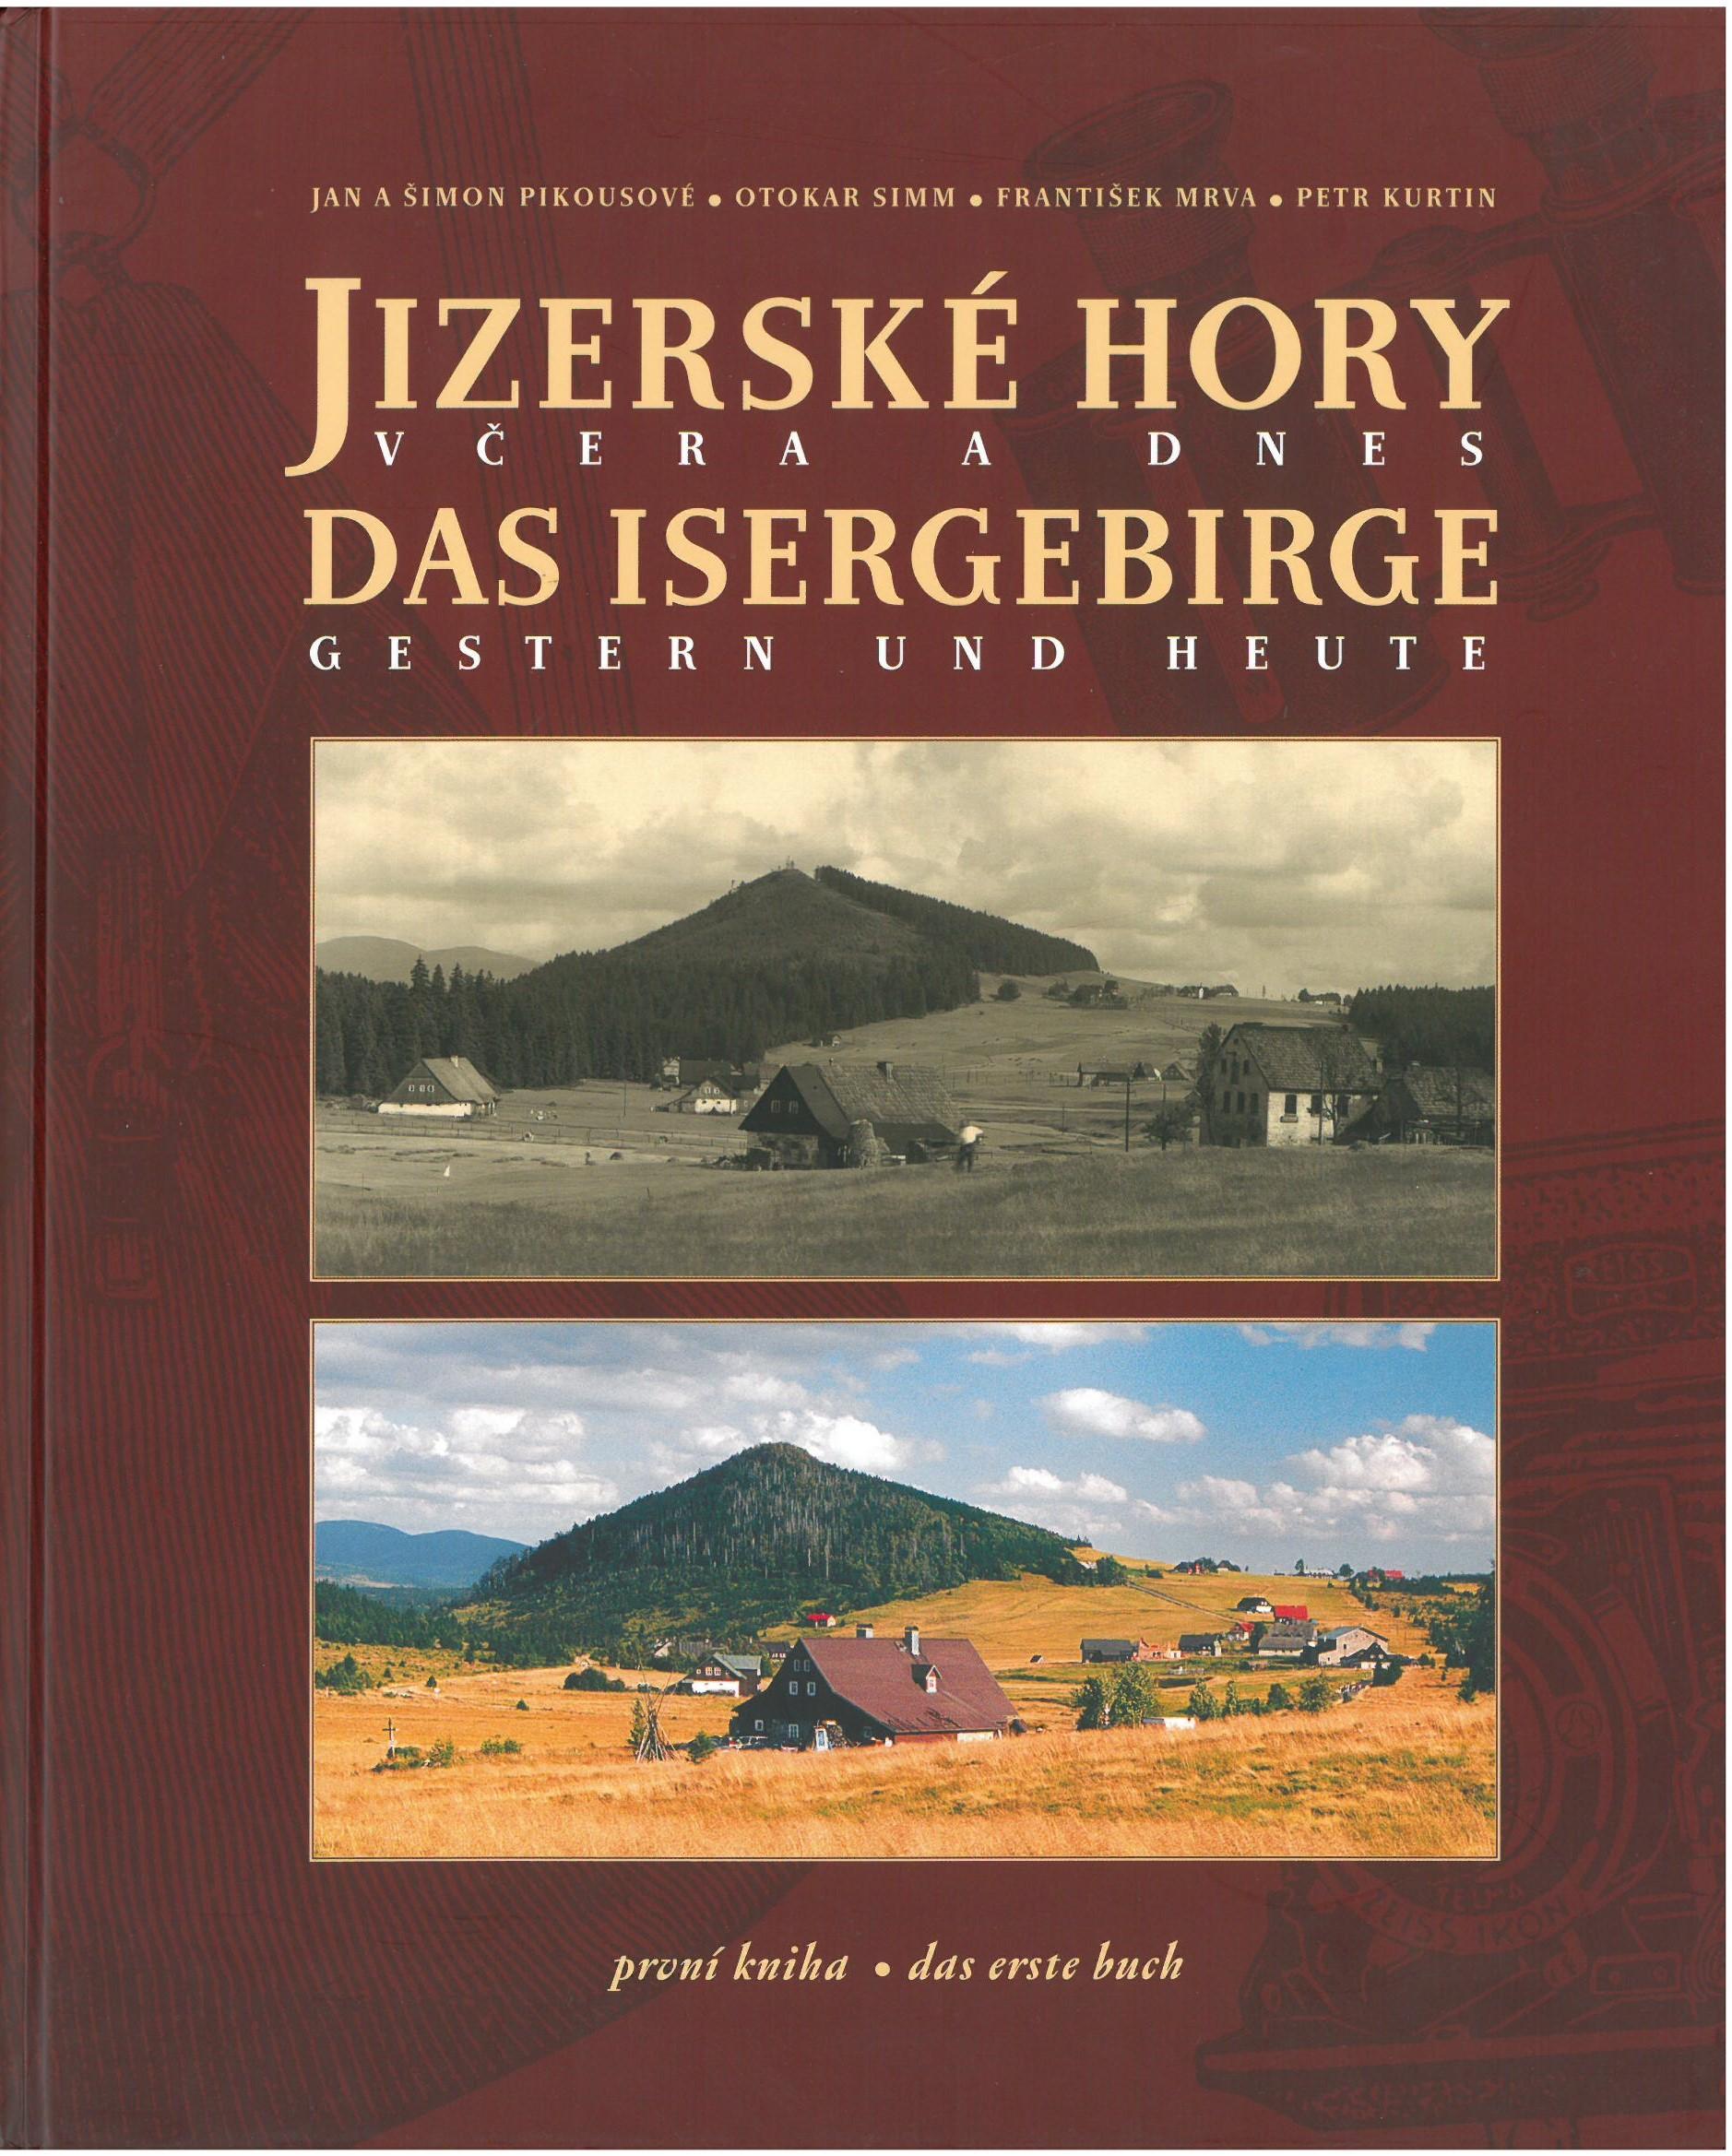 OBRÁZEK : jizerske_hory_vcera_1.jpg